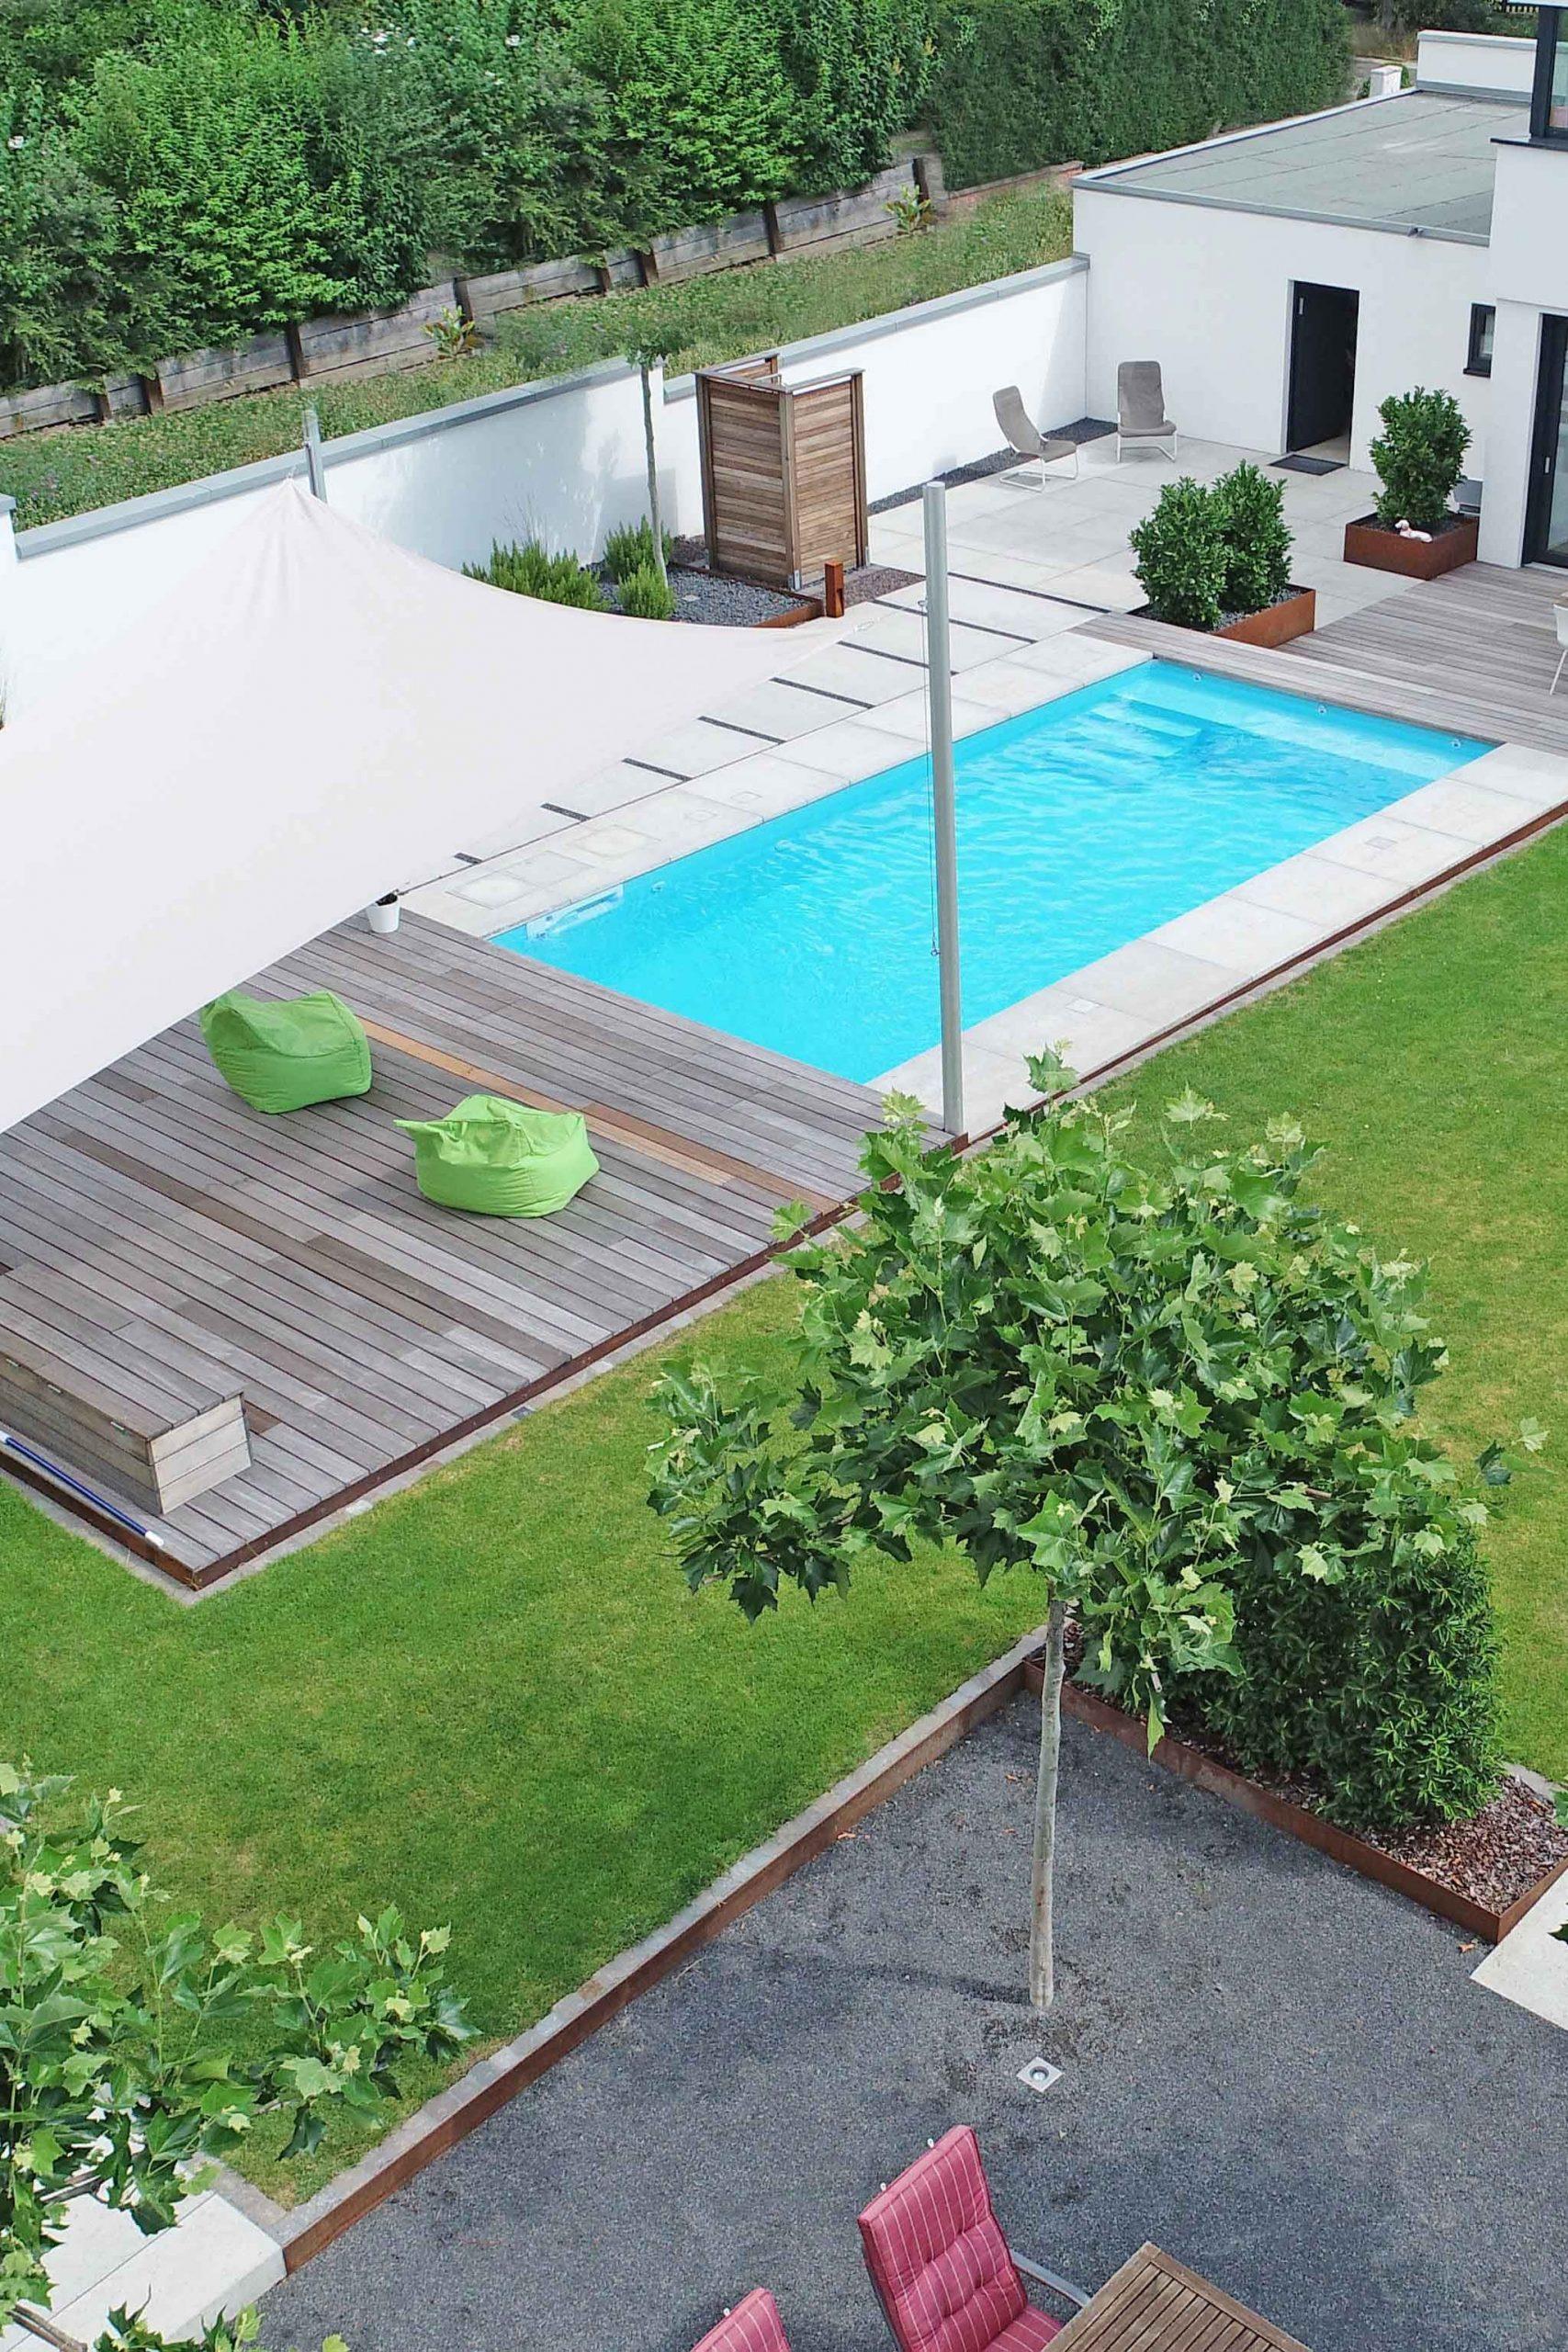 Pin Von Giffel Gmbh Garten.pool Auf Moderne Pools   Garten ... à Pool House 10M2